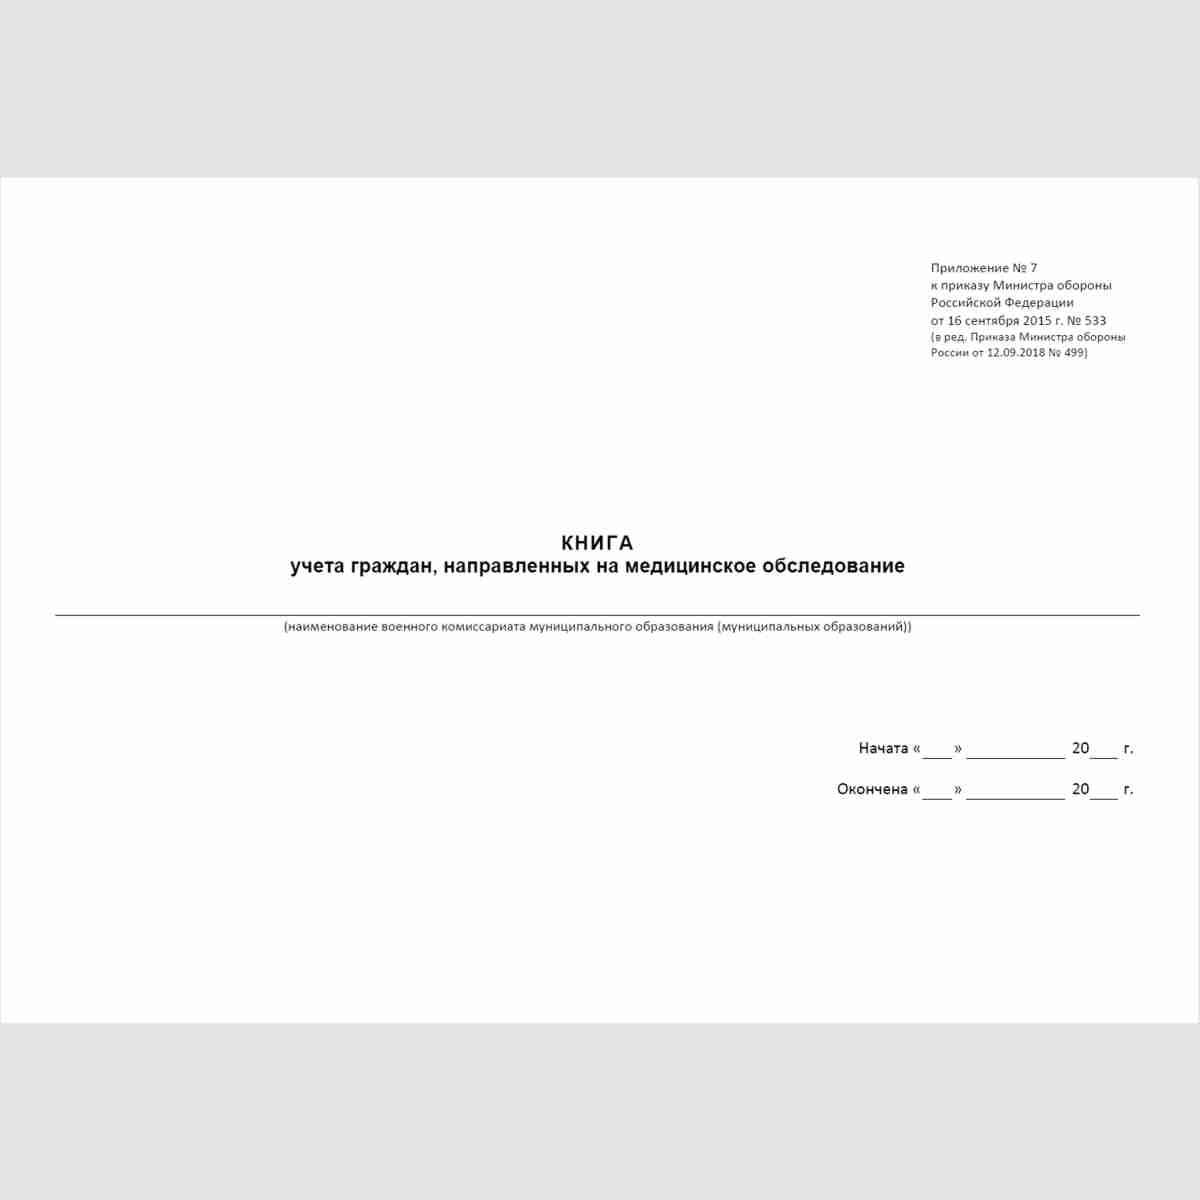 """Форма """"Книга учета граждан, направленных на медицинское обследование"""". Обложка"""